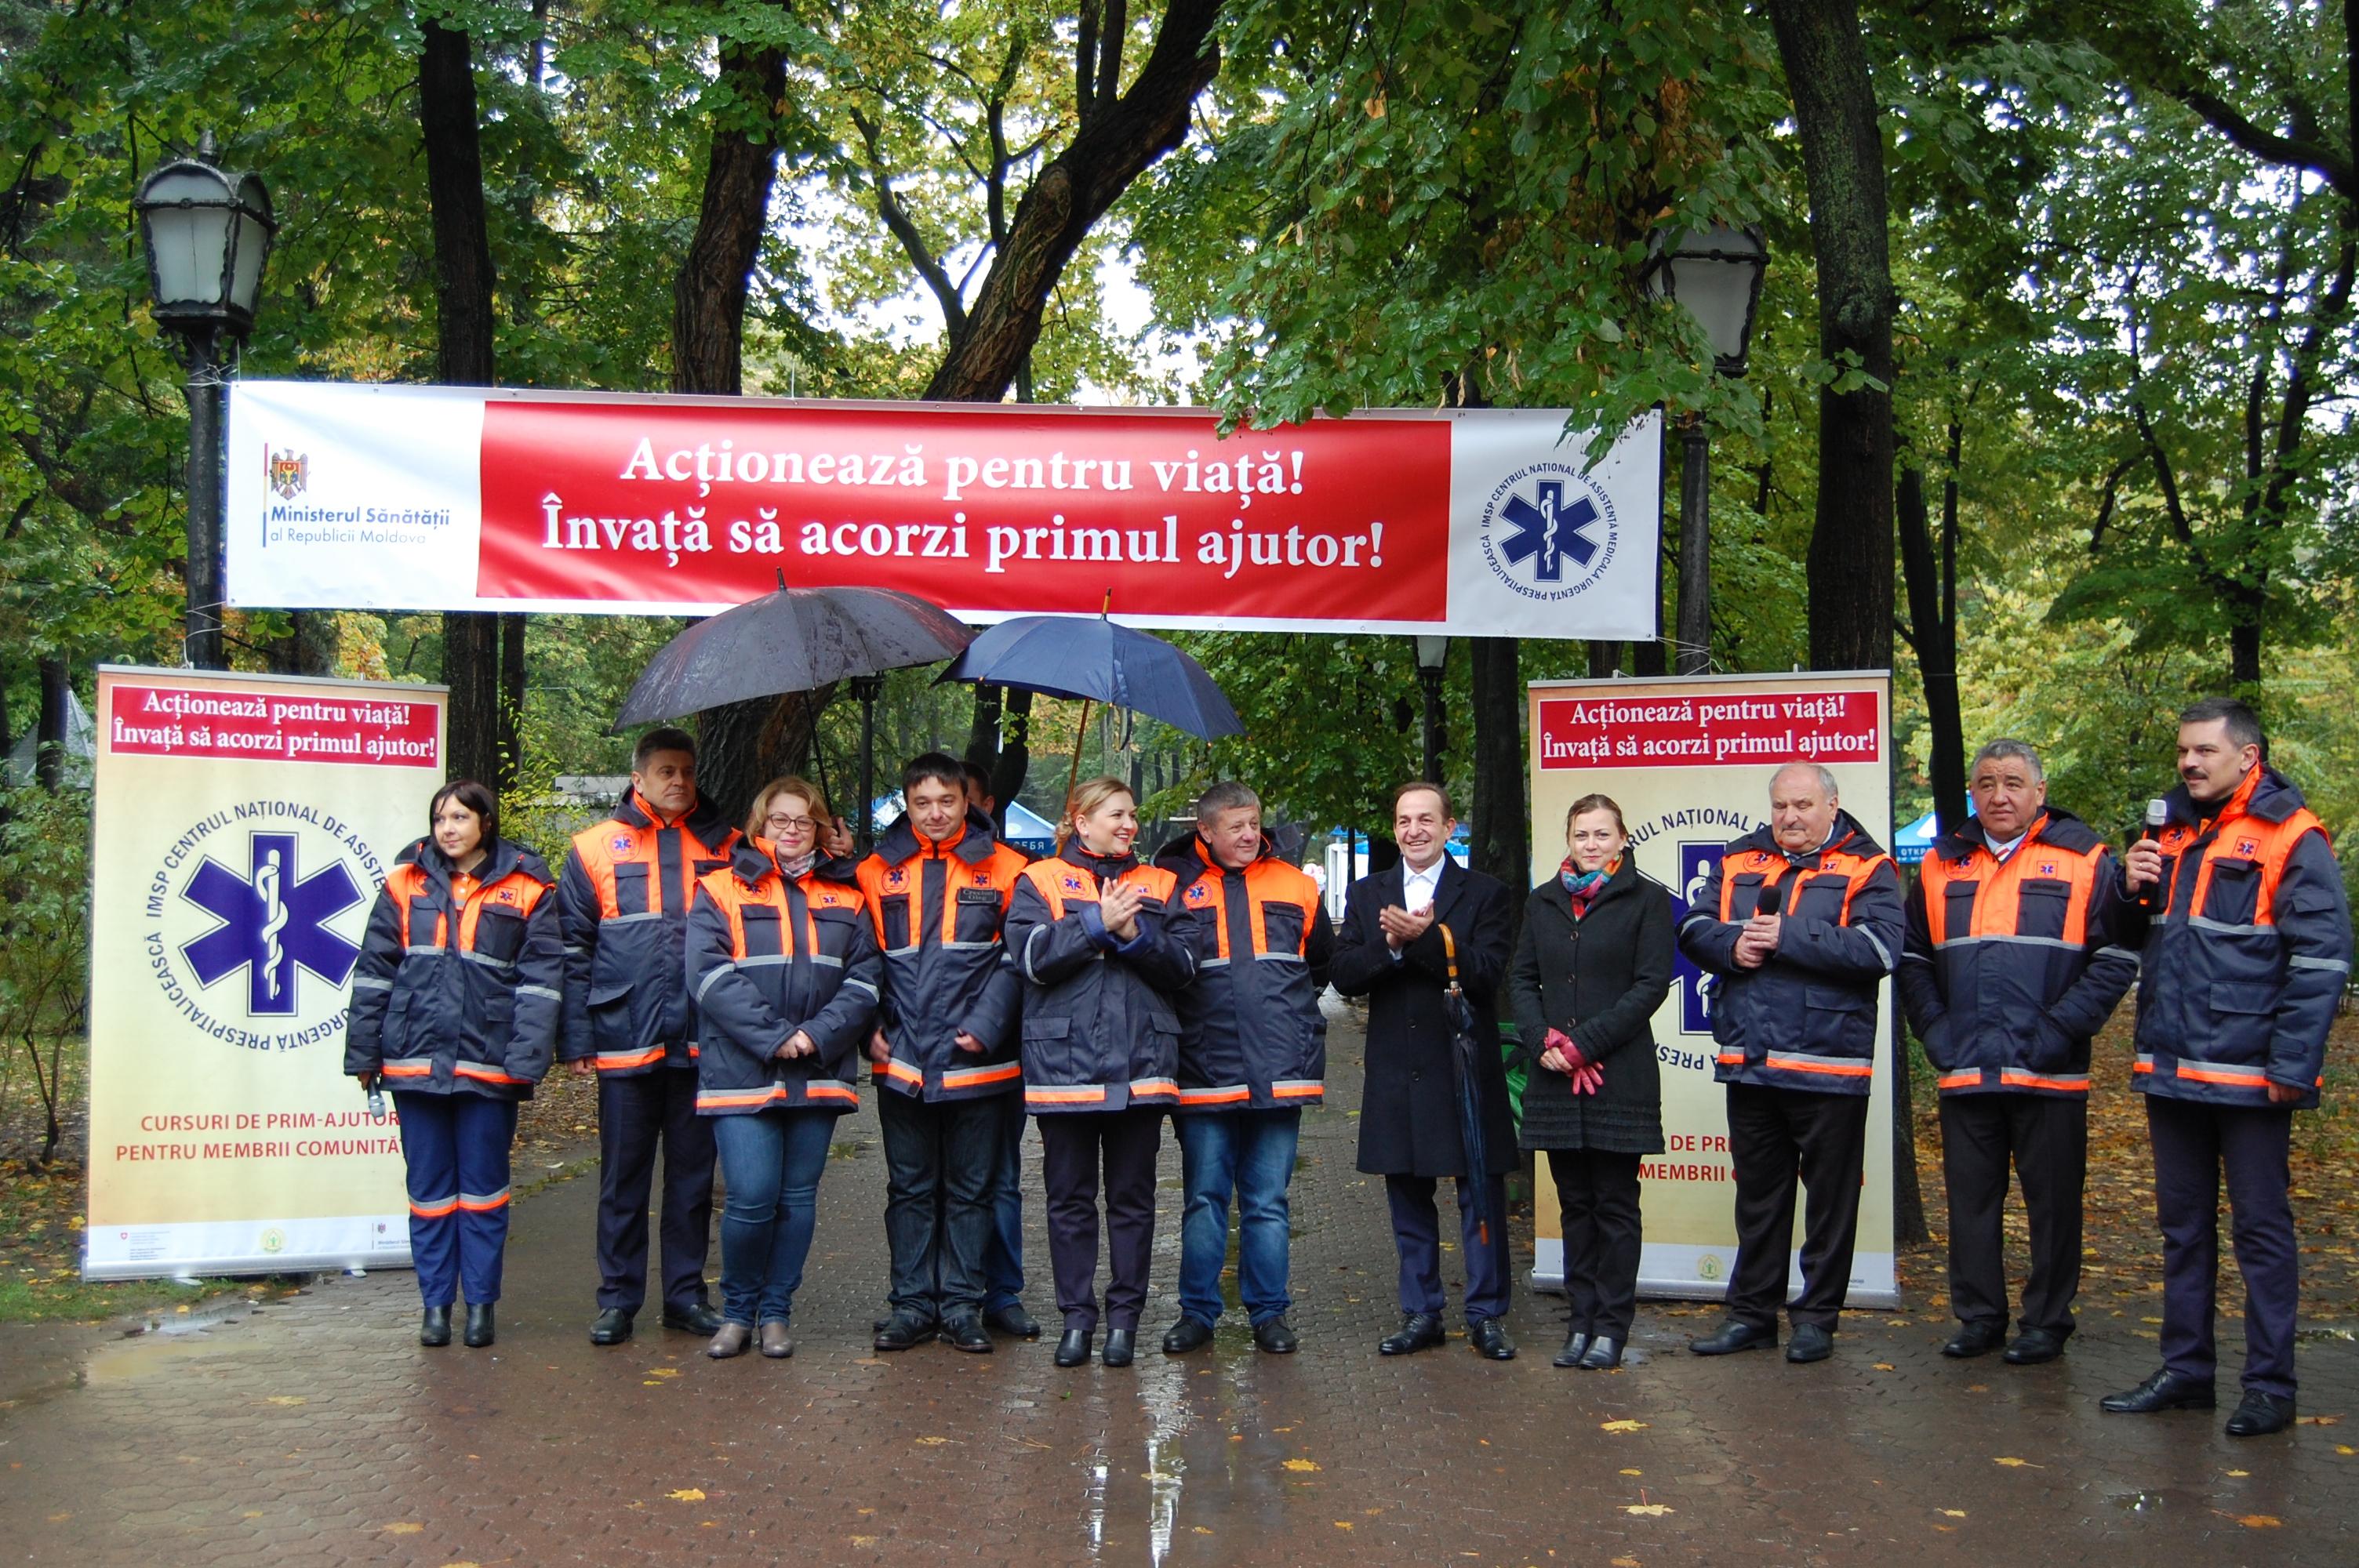 480 de persoane au fost instruite în acordarea primului ajutor